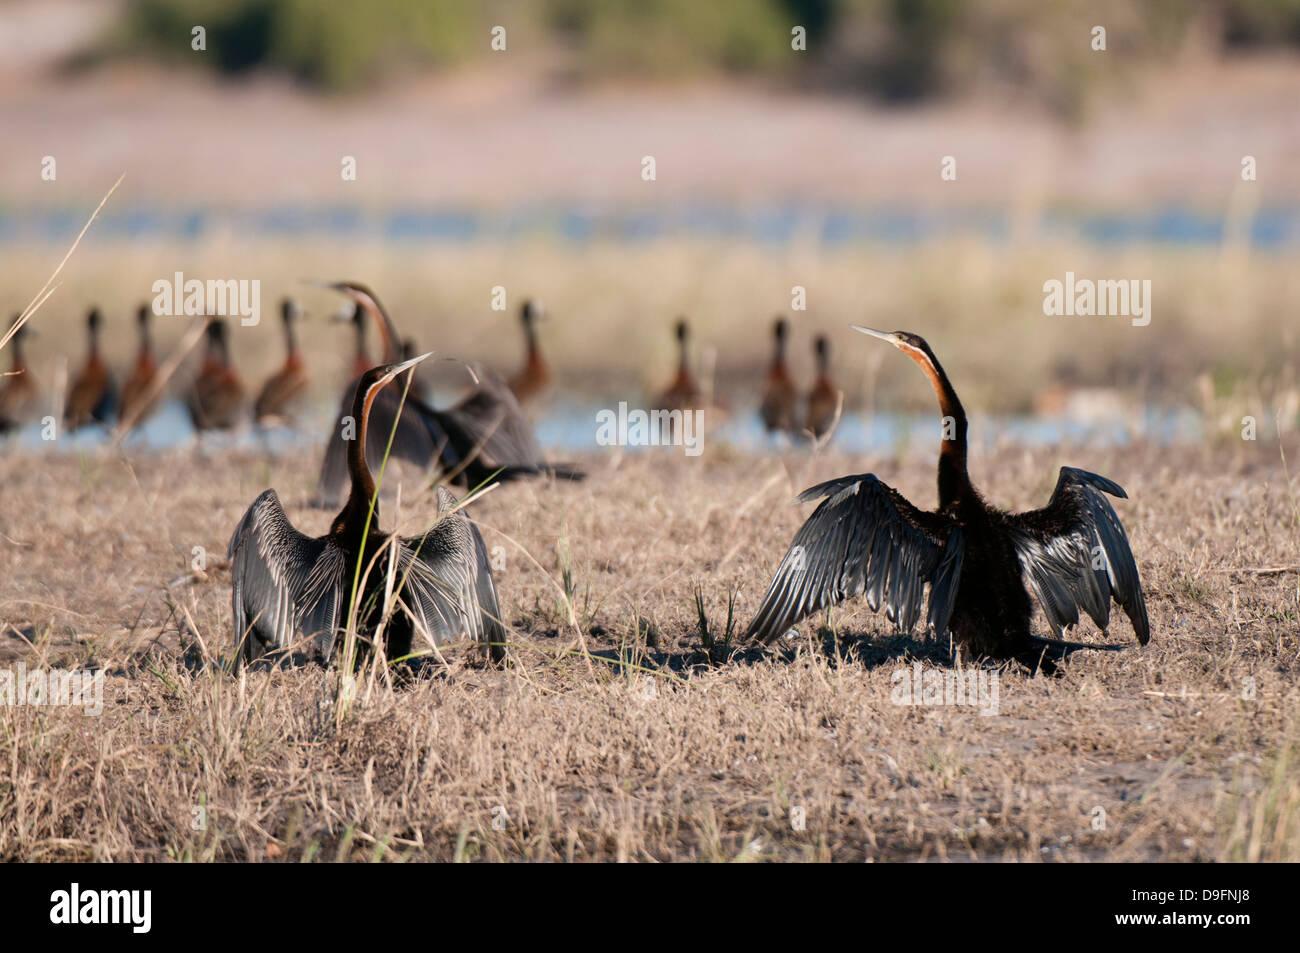 African darter (Anhinga rufa), Chobe National Park, Botswana, Africa - Stock Image